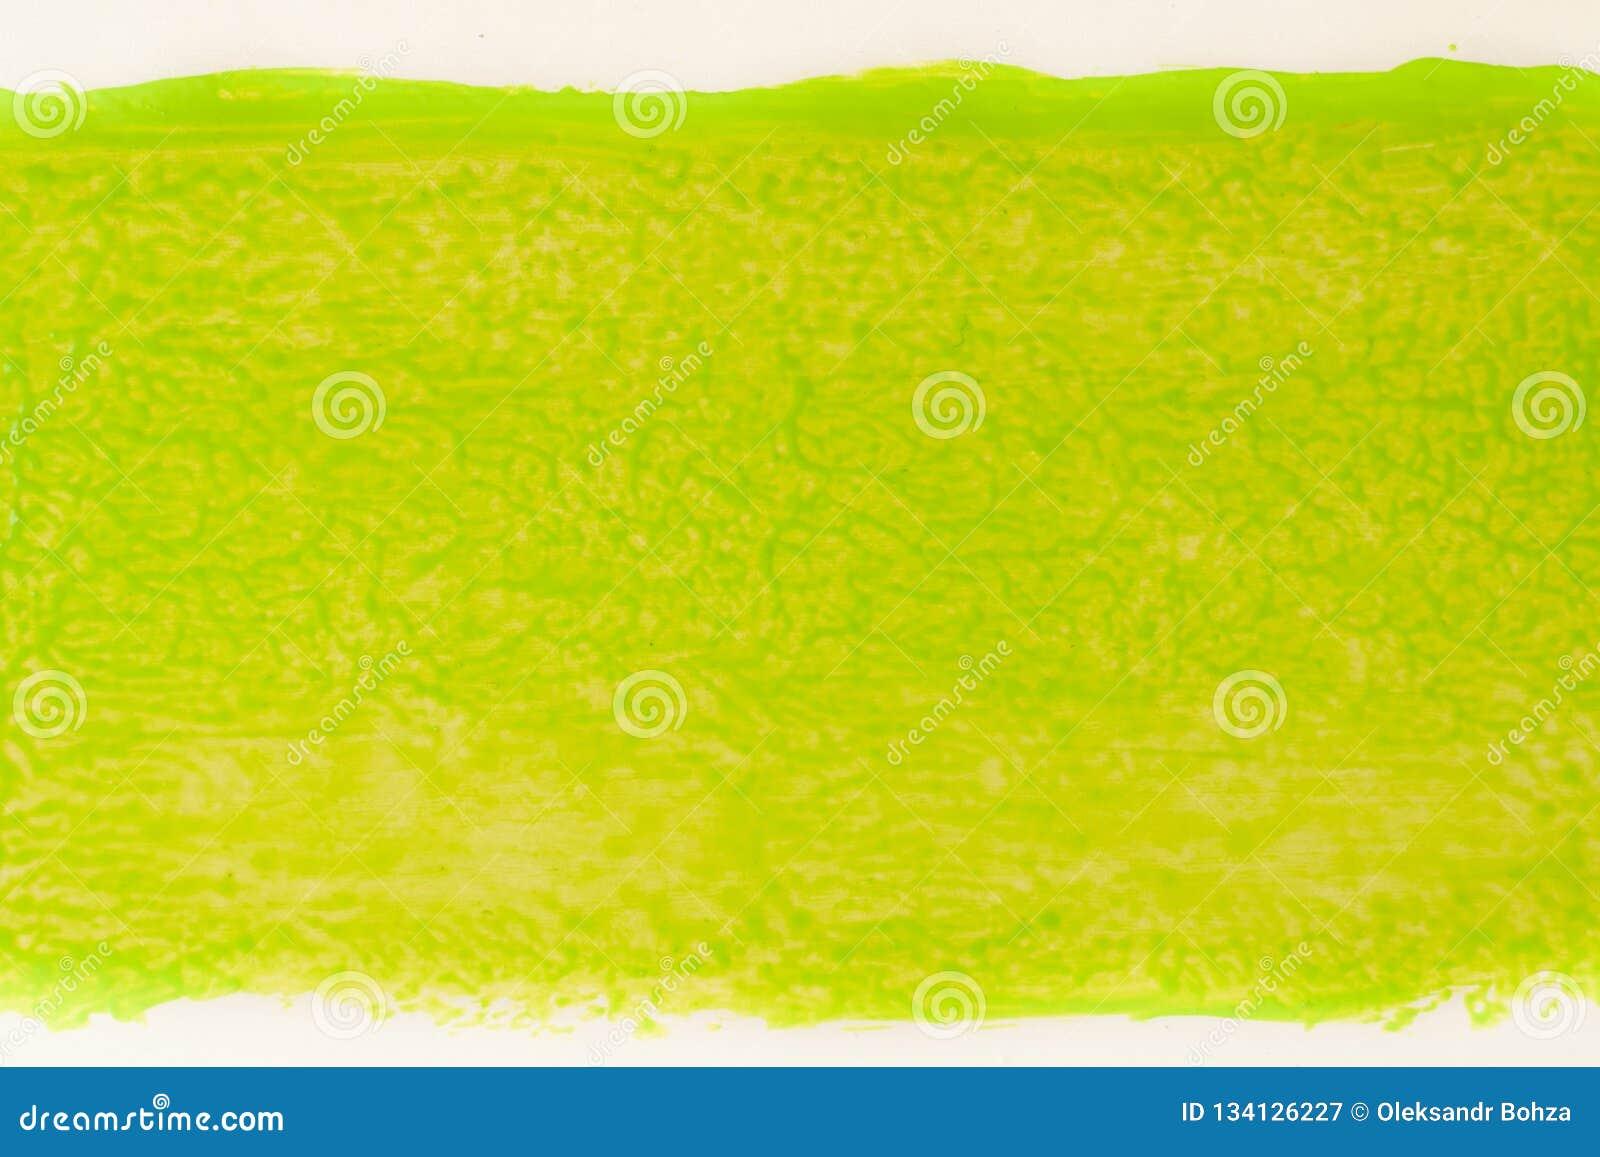 Ίχνος του πράσινου χρώματος από το ρόλο για τη ζωγραφική στον τοίχο Έννοια επισκευής